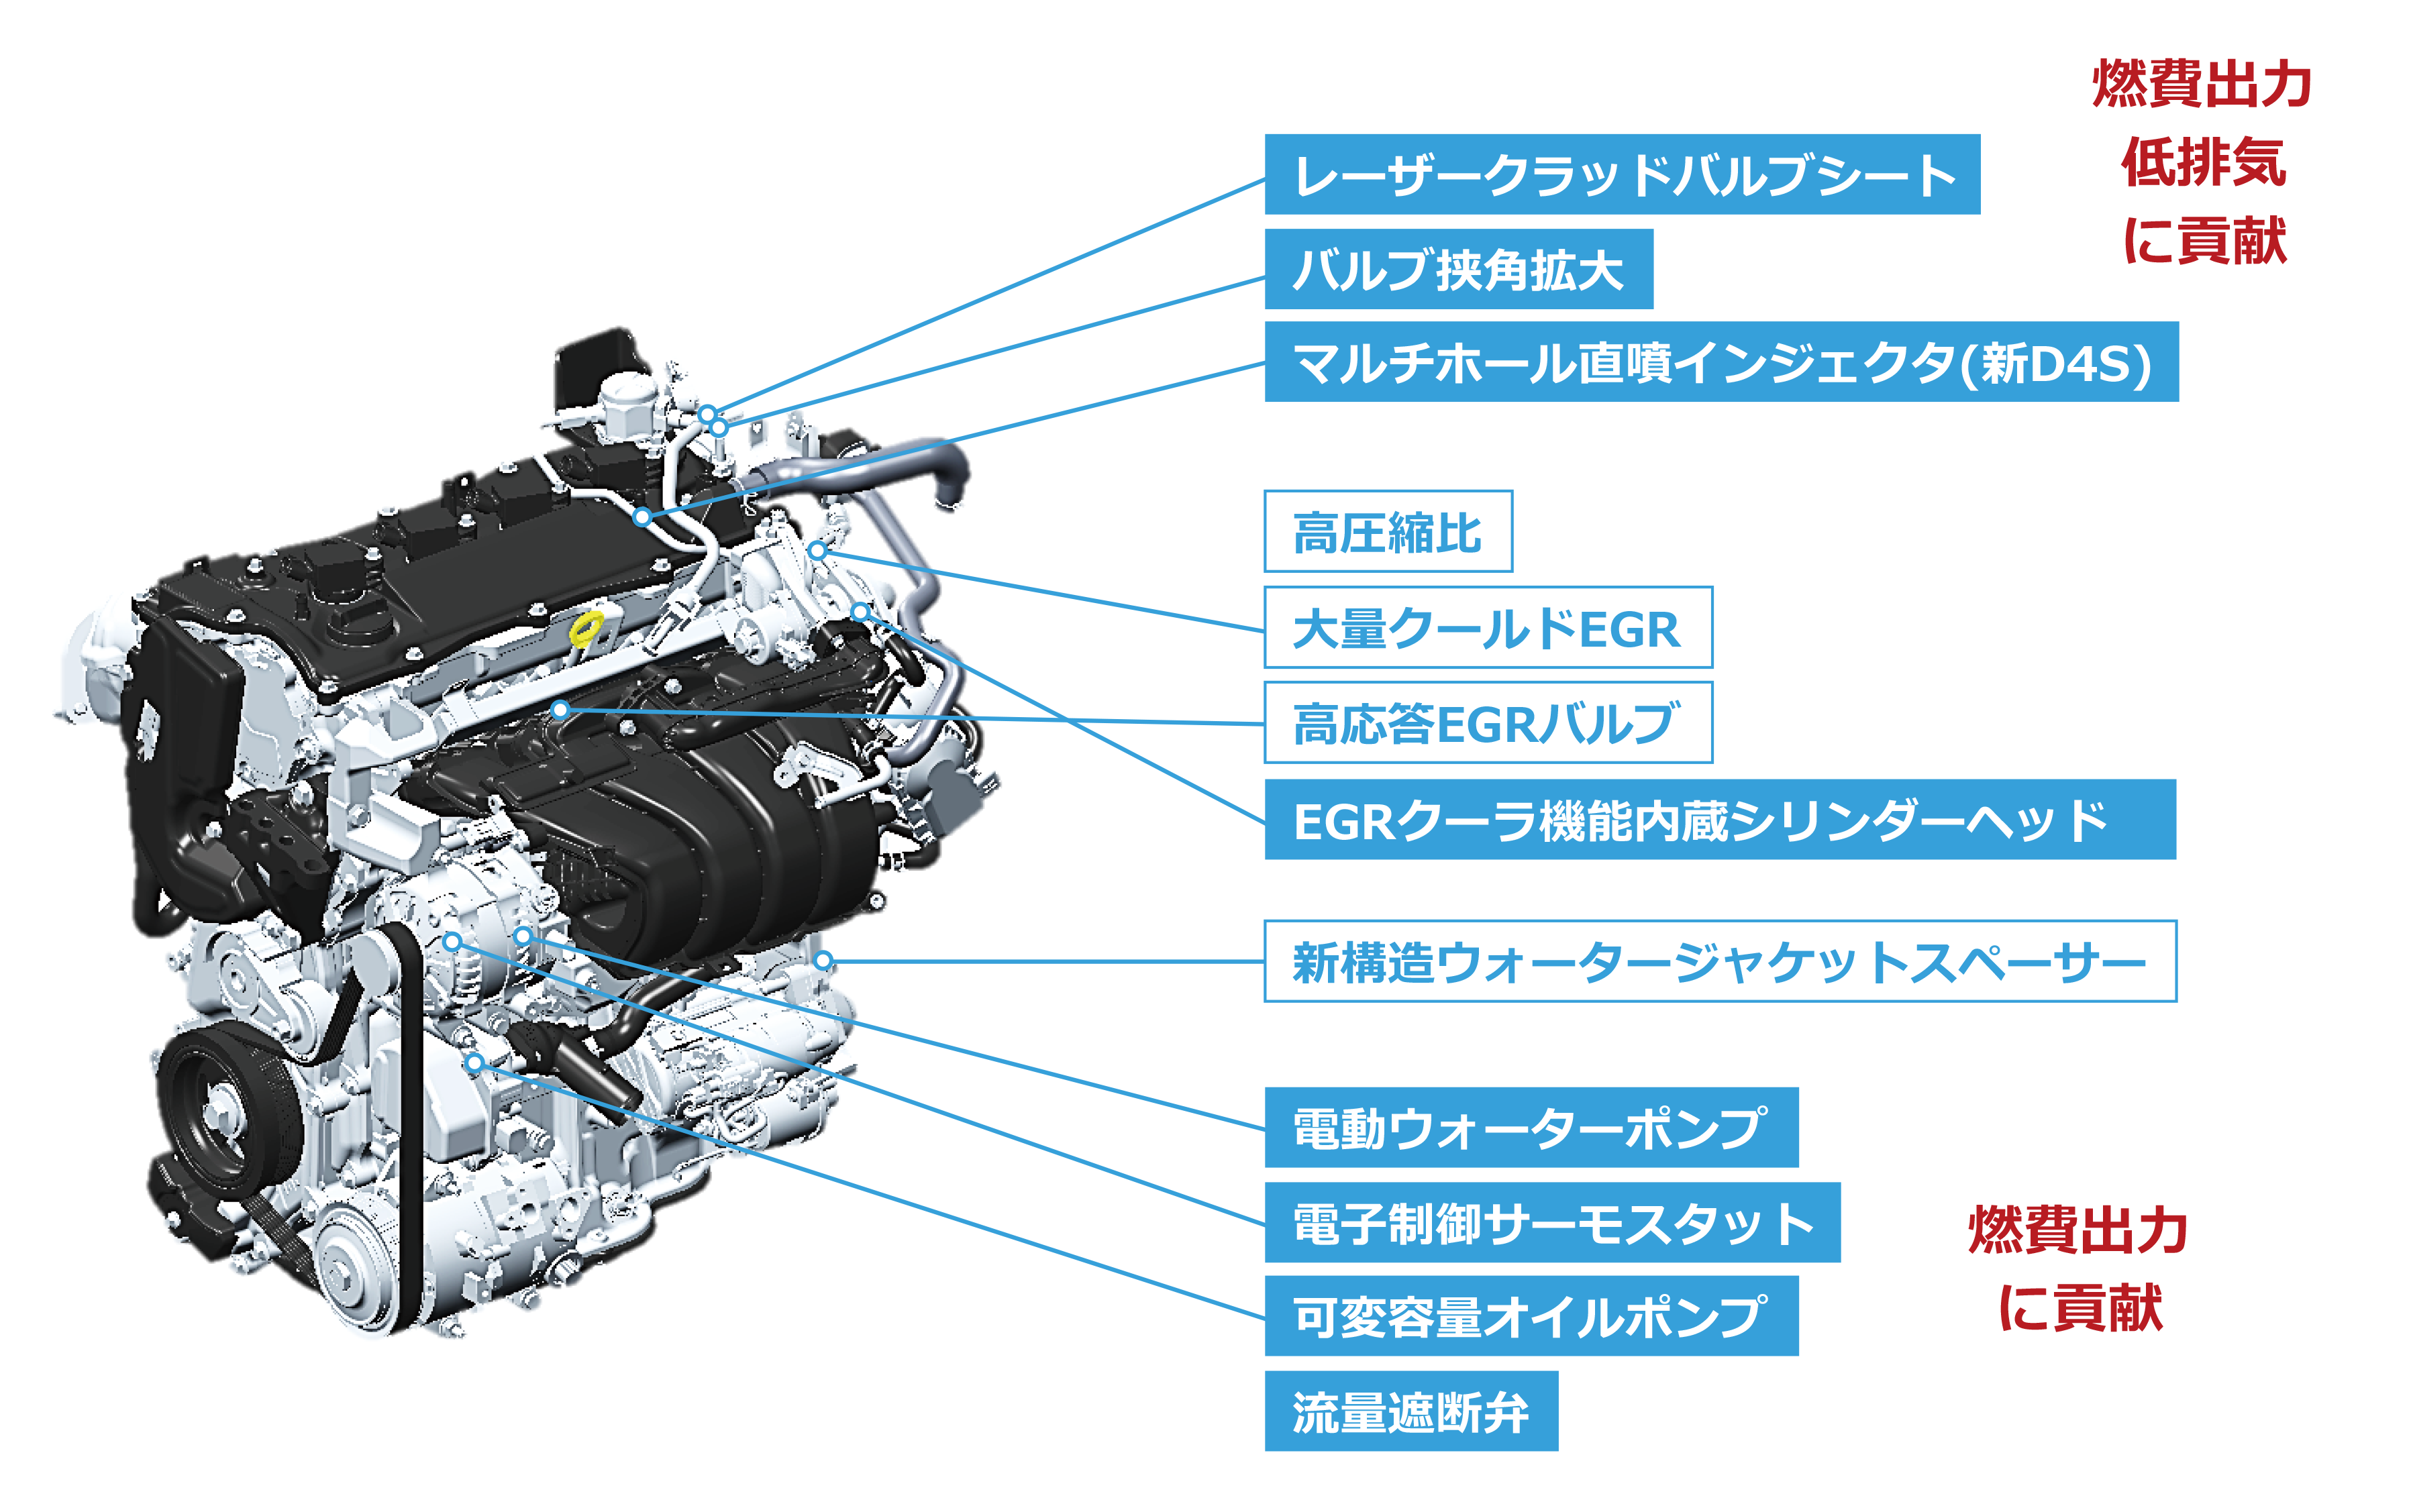 新型 直列4気筒2 5l直噴エンジン dynamic force engine トヨタ